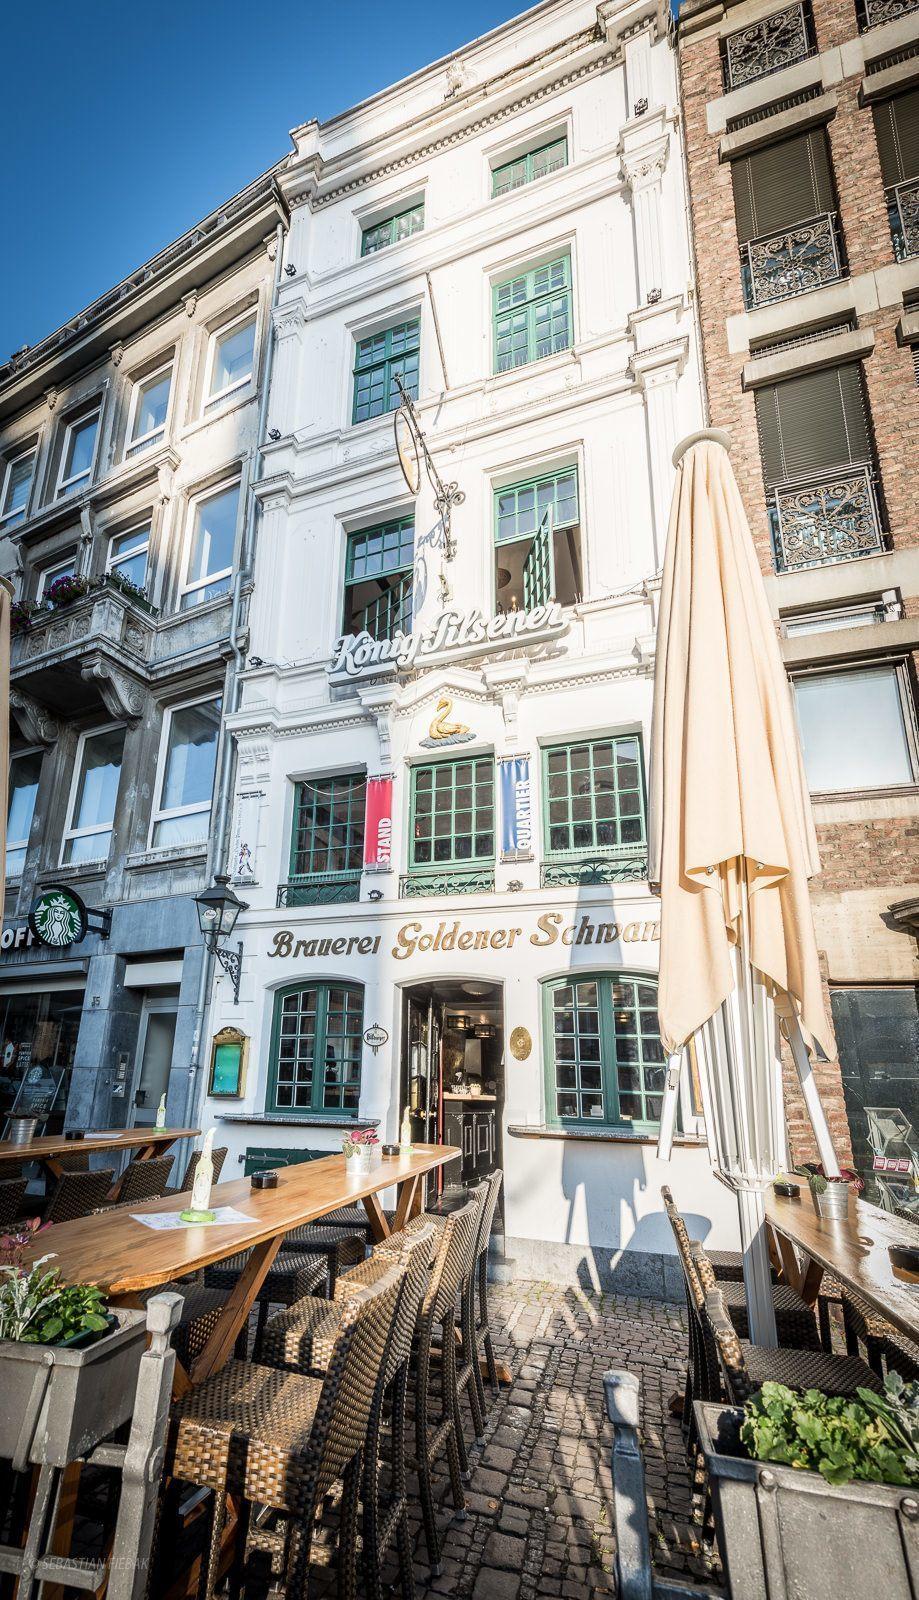 goldener schwan google street view 1